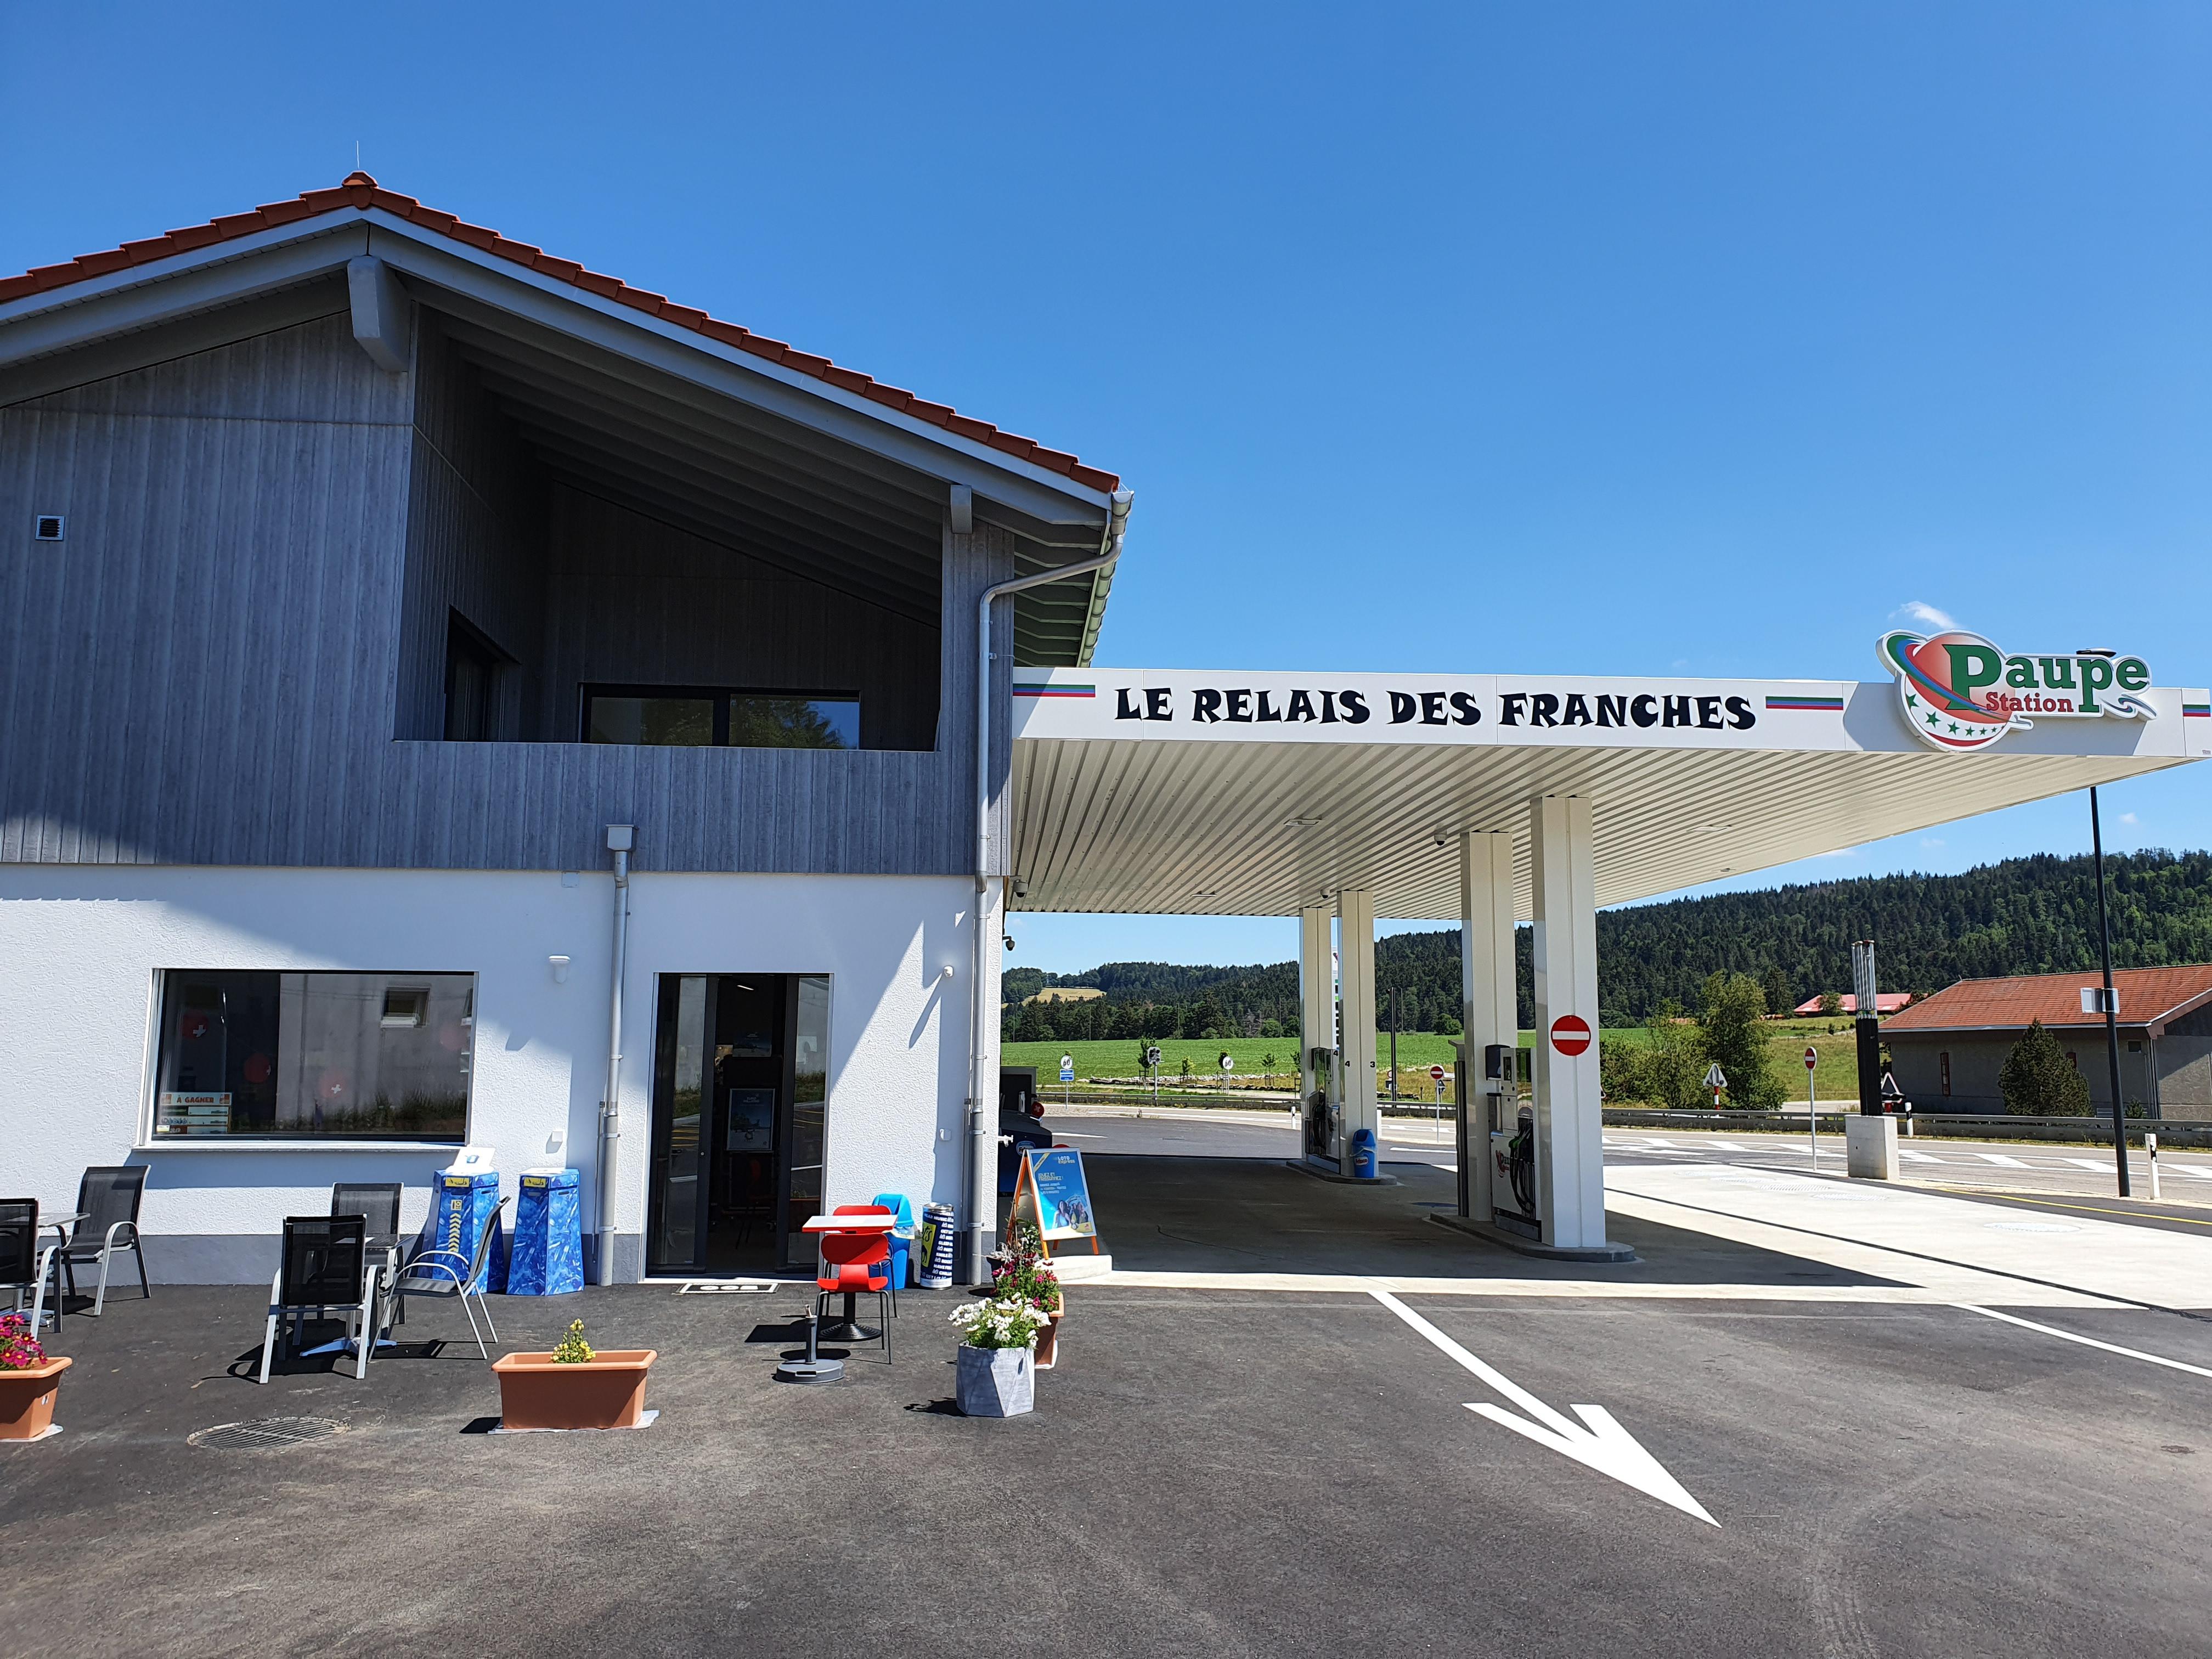 Le Relais des Franches / Station Paupe – Le Noirmont